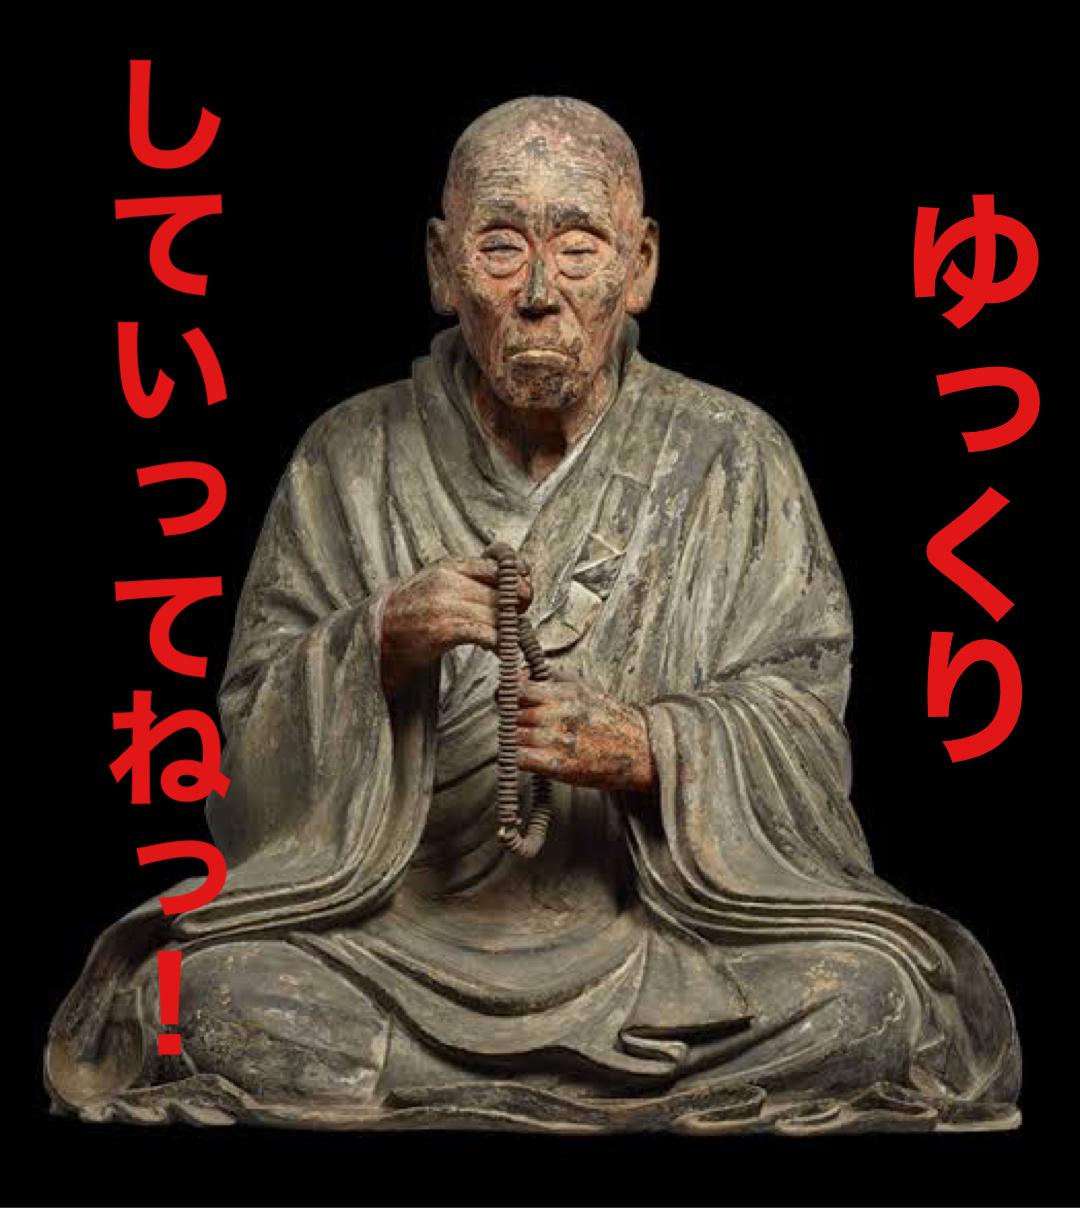 浄土寺開祖重源上人坐像